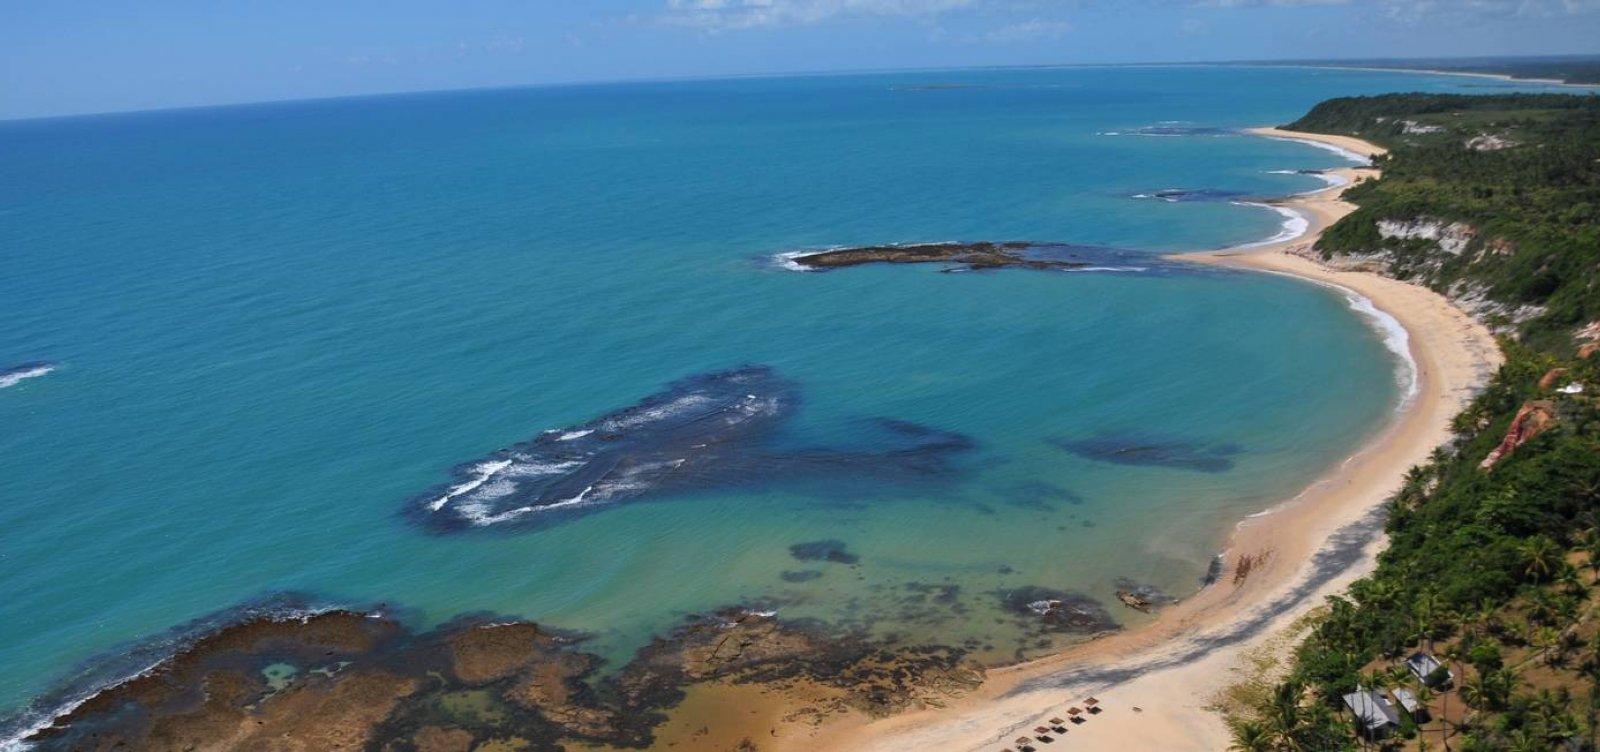 Governo Bolsonaro fará revisão das 334 áreas de proteção ambiental no país